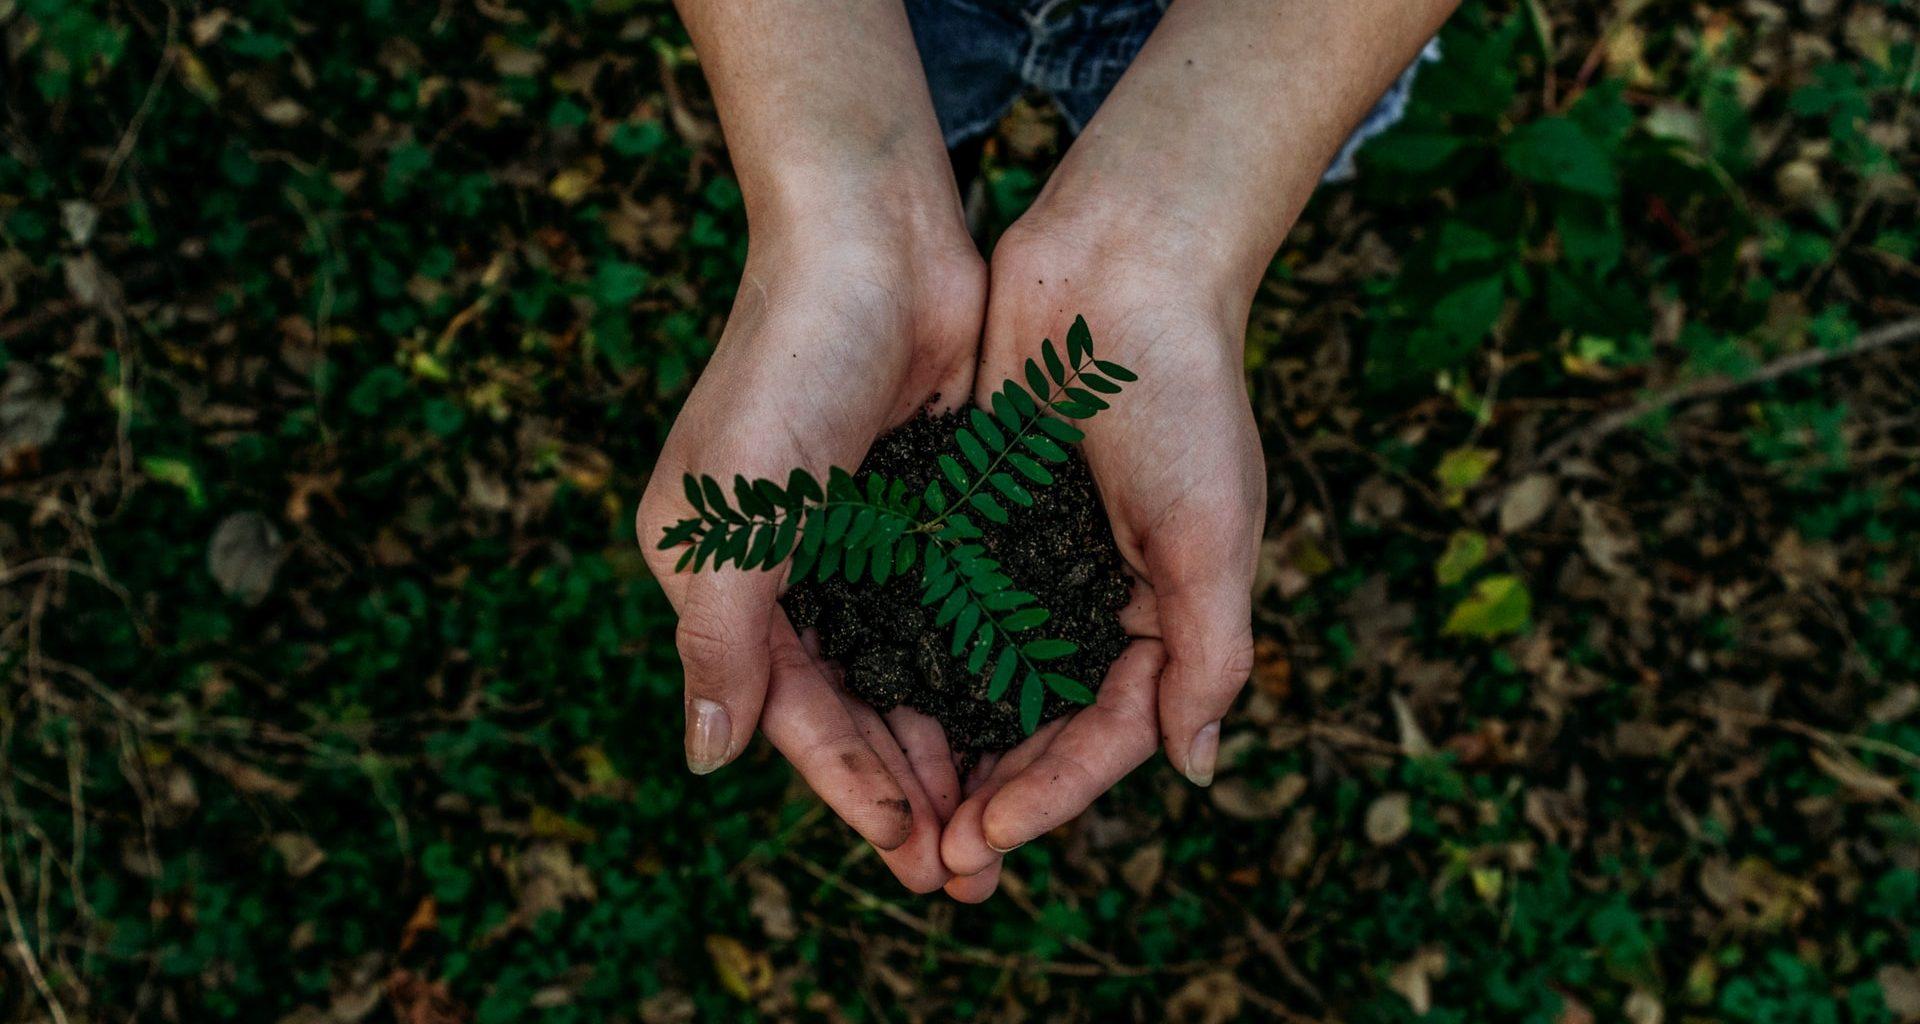 Handen houden kleine plant vast